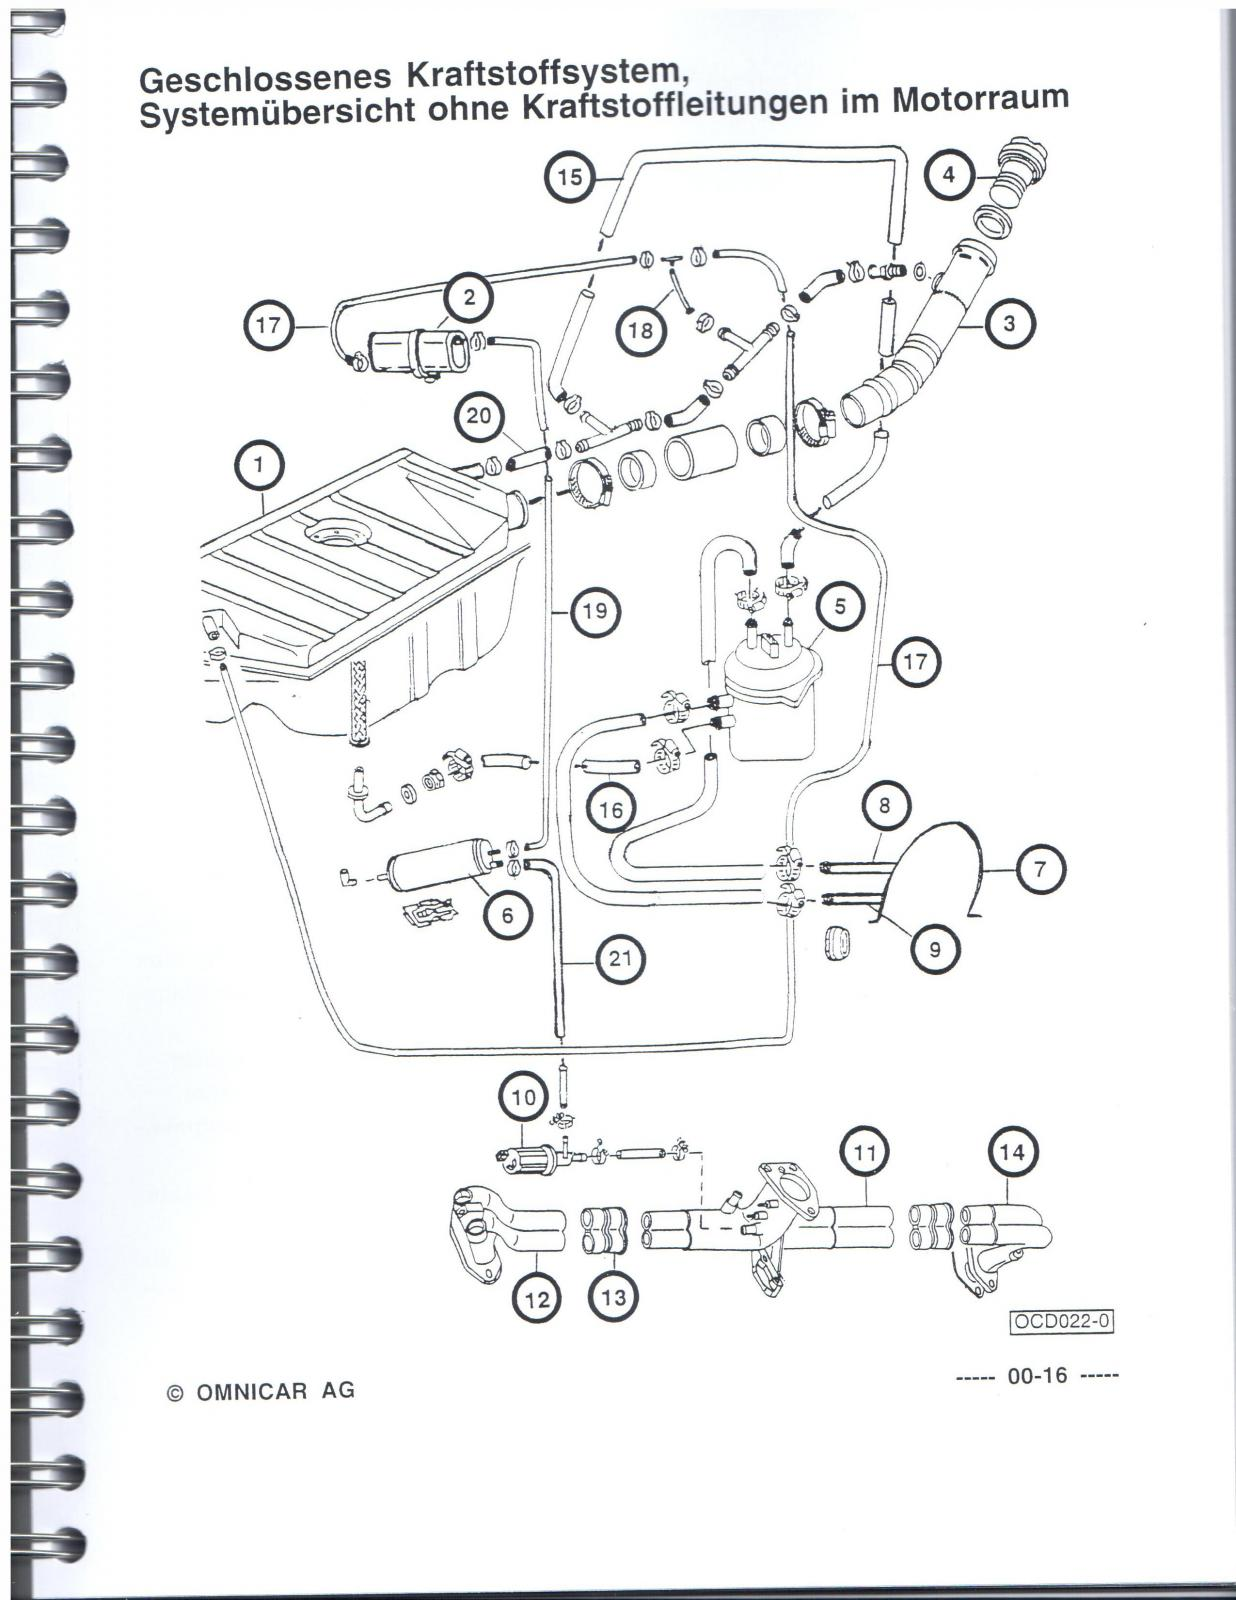 1975 Volkswagen Beetle Wiring Diagram. Volkswagen. Auto